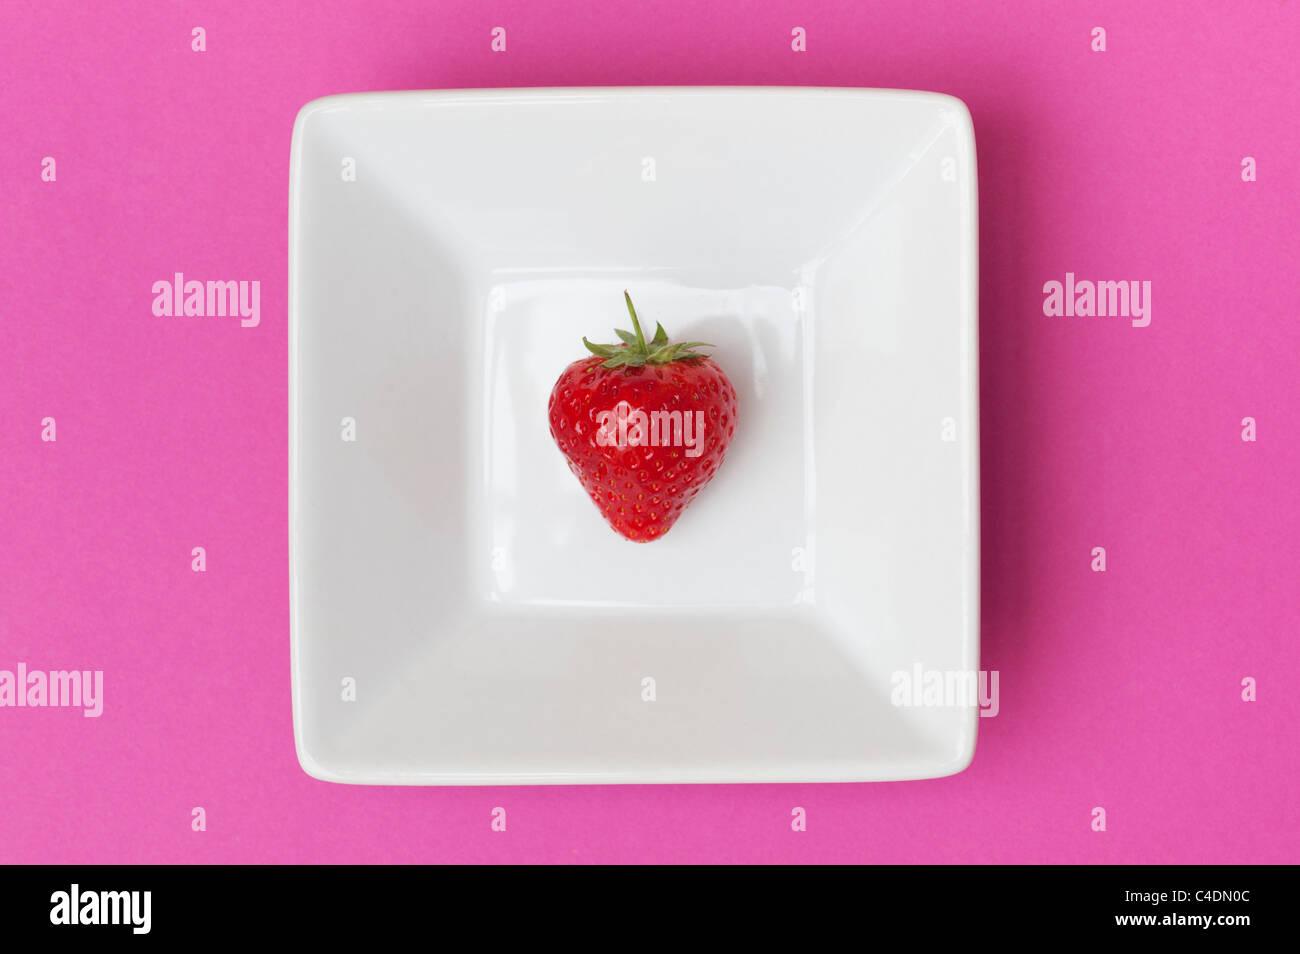 Fragola in un quadrato piatto di ceramica su uno sfondo rosa Immagini Stock